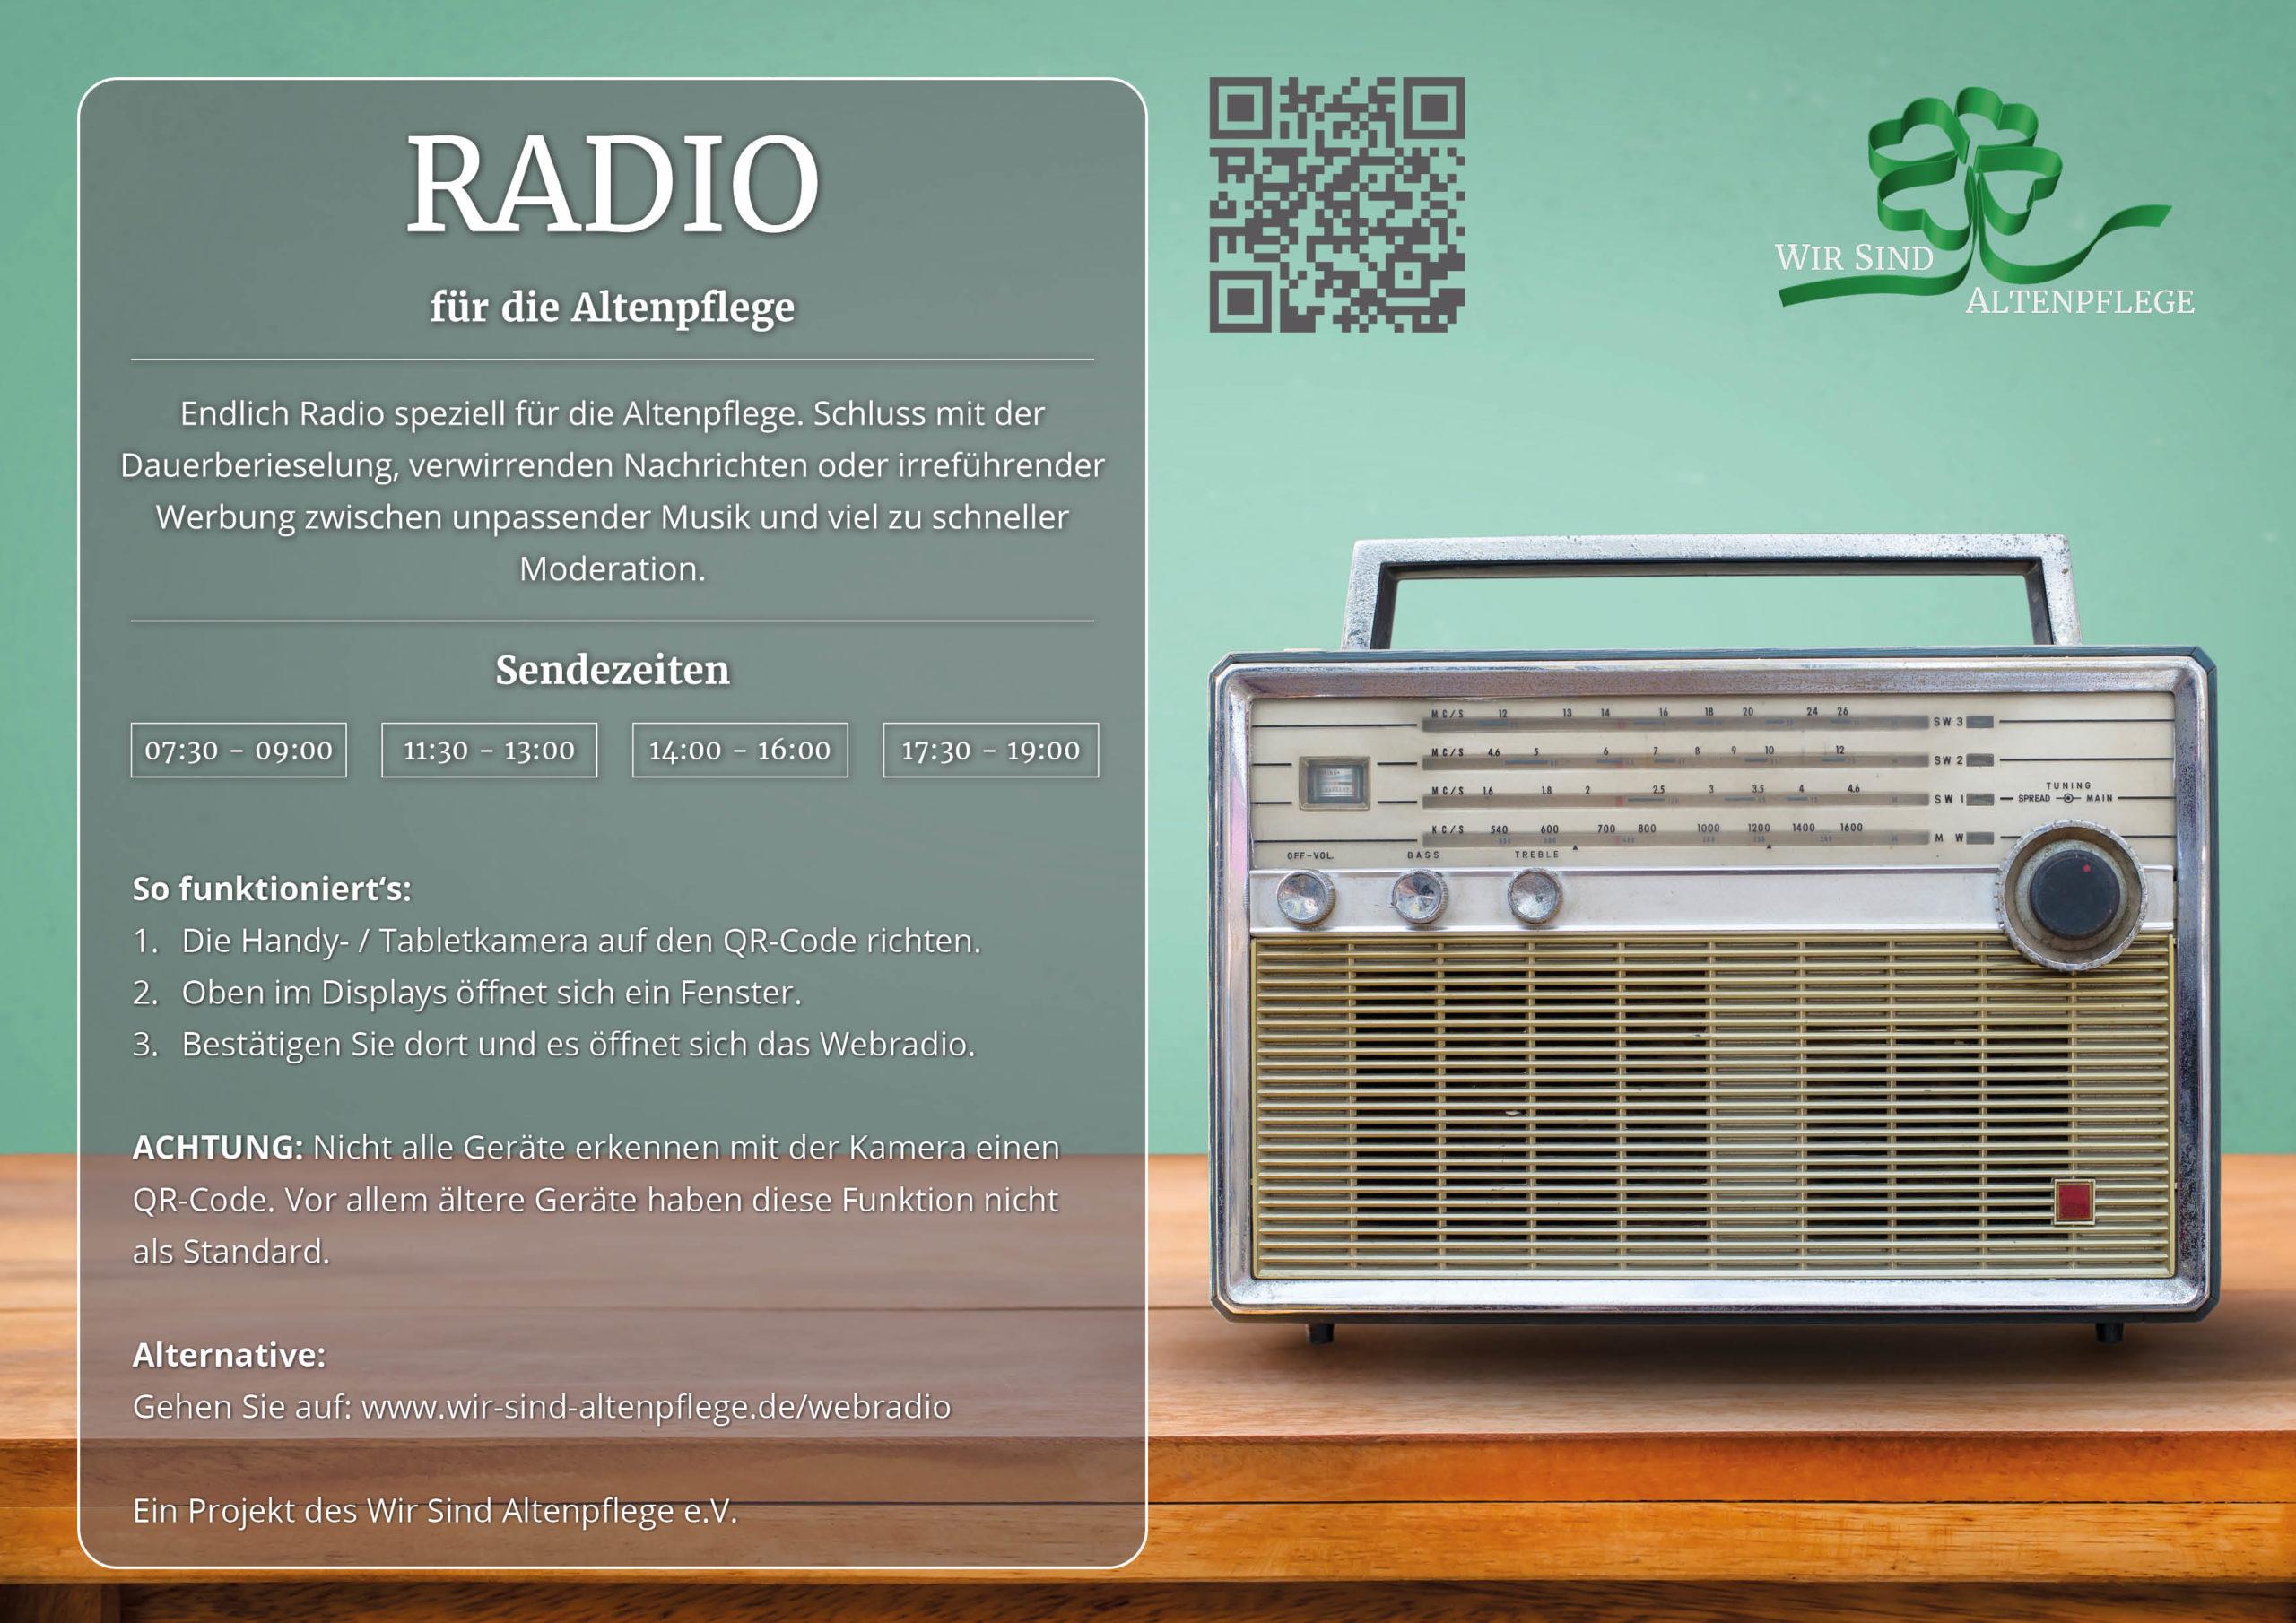 Radio für die Altenpflege Aushang Wir Sind Altenpflege